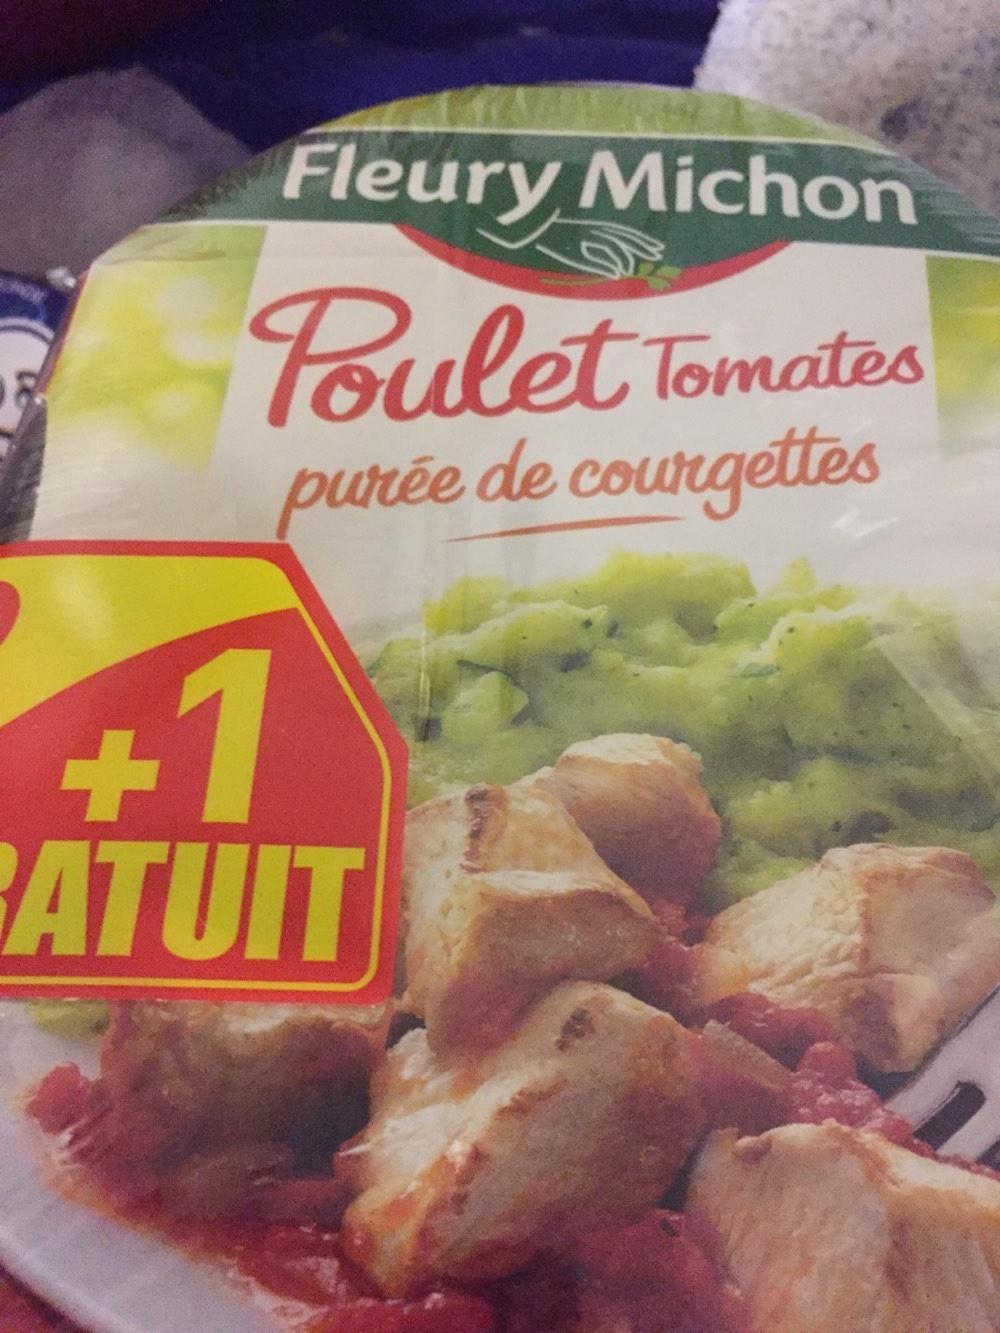 Fleury Michon - Produit - en